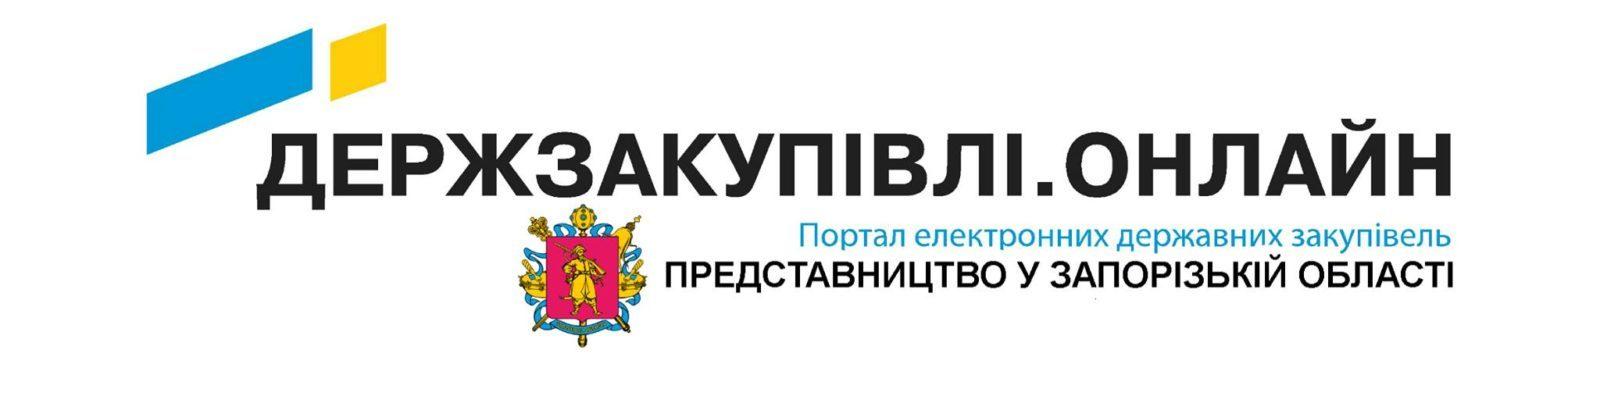 Державні Закупівлі Прозорро в Запорізькій області